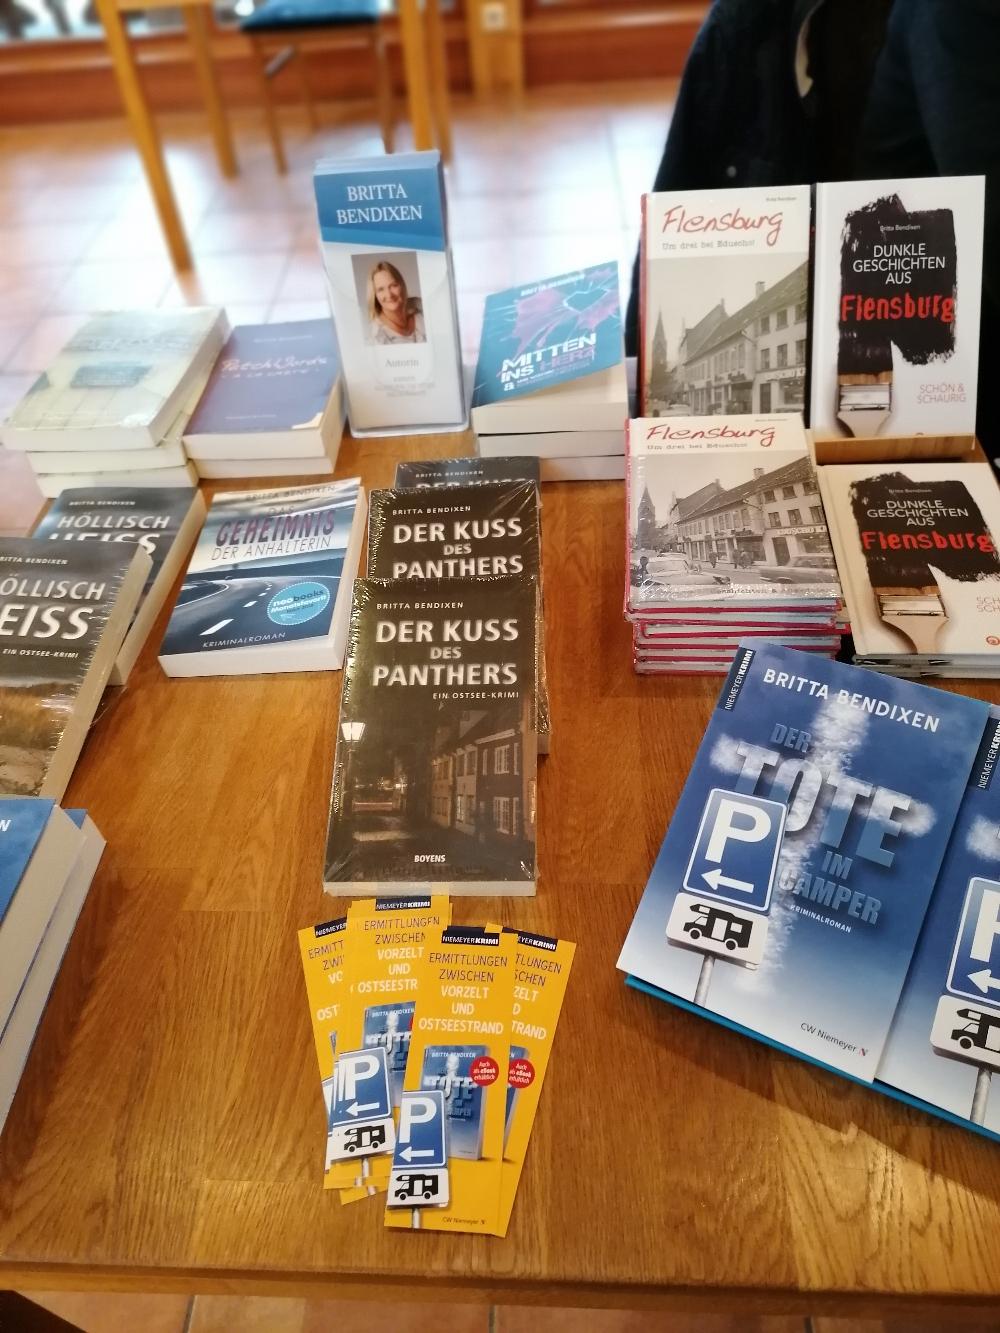 Mein Büchertisch mit den Camper-Lesezeichen, die es zu jedem gekauften Buch gratis dazu gibt.